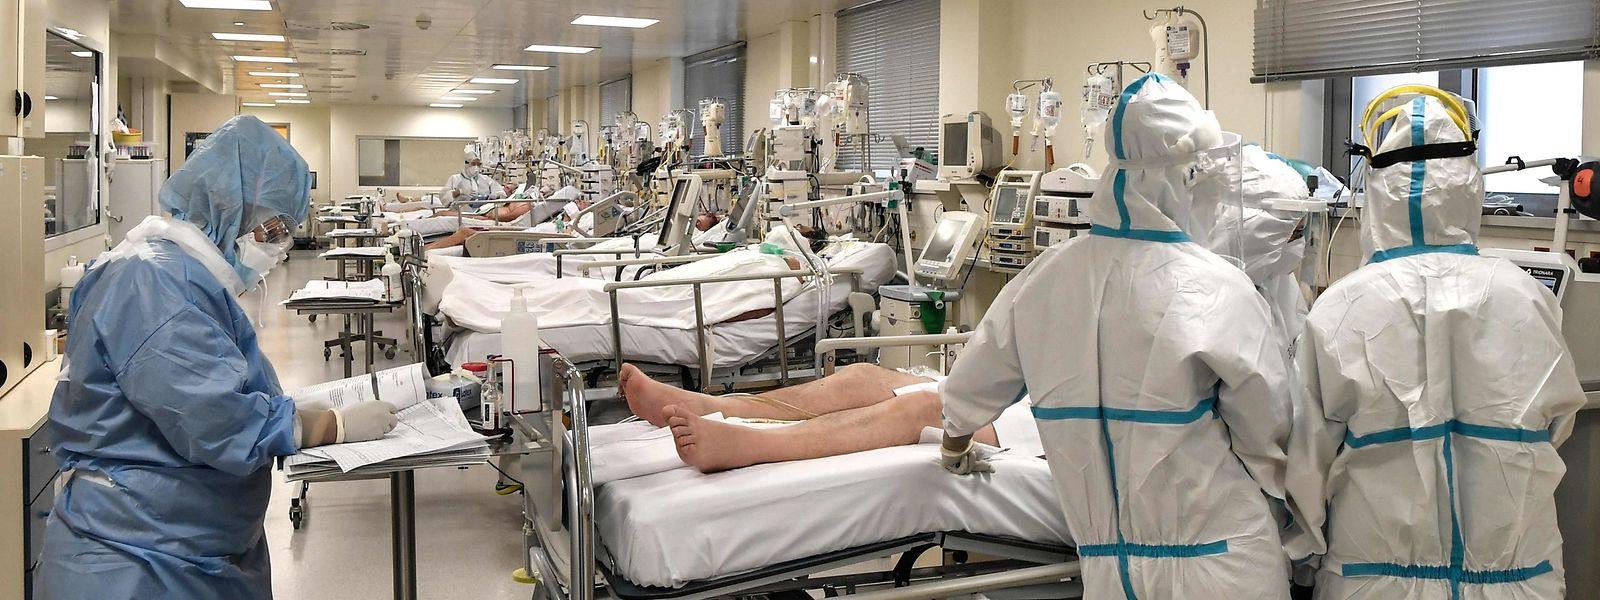 Actuellement, 234 patients atteints du covid sont pris en charge dans les hôpitaux du Luxembourg.